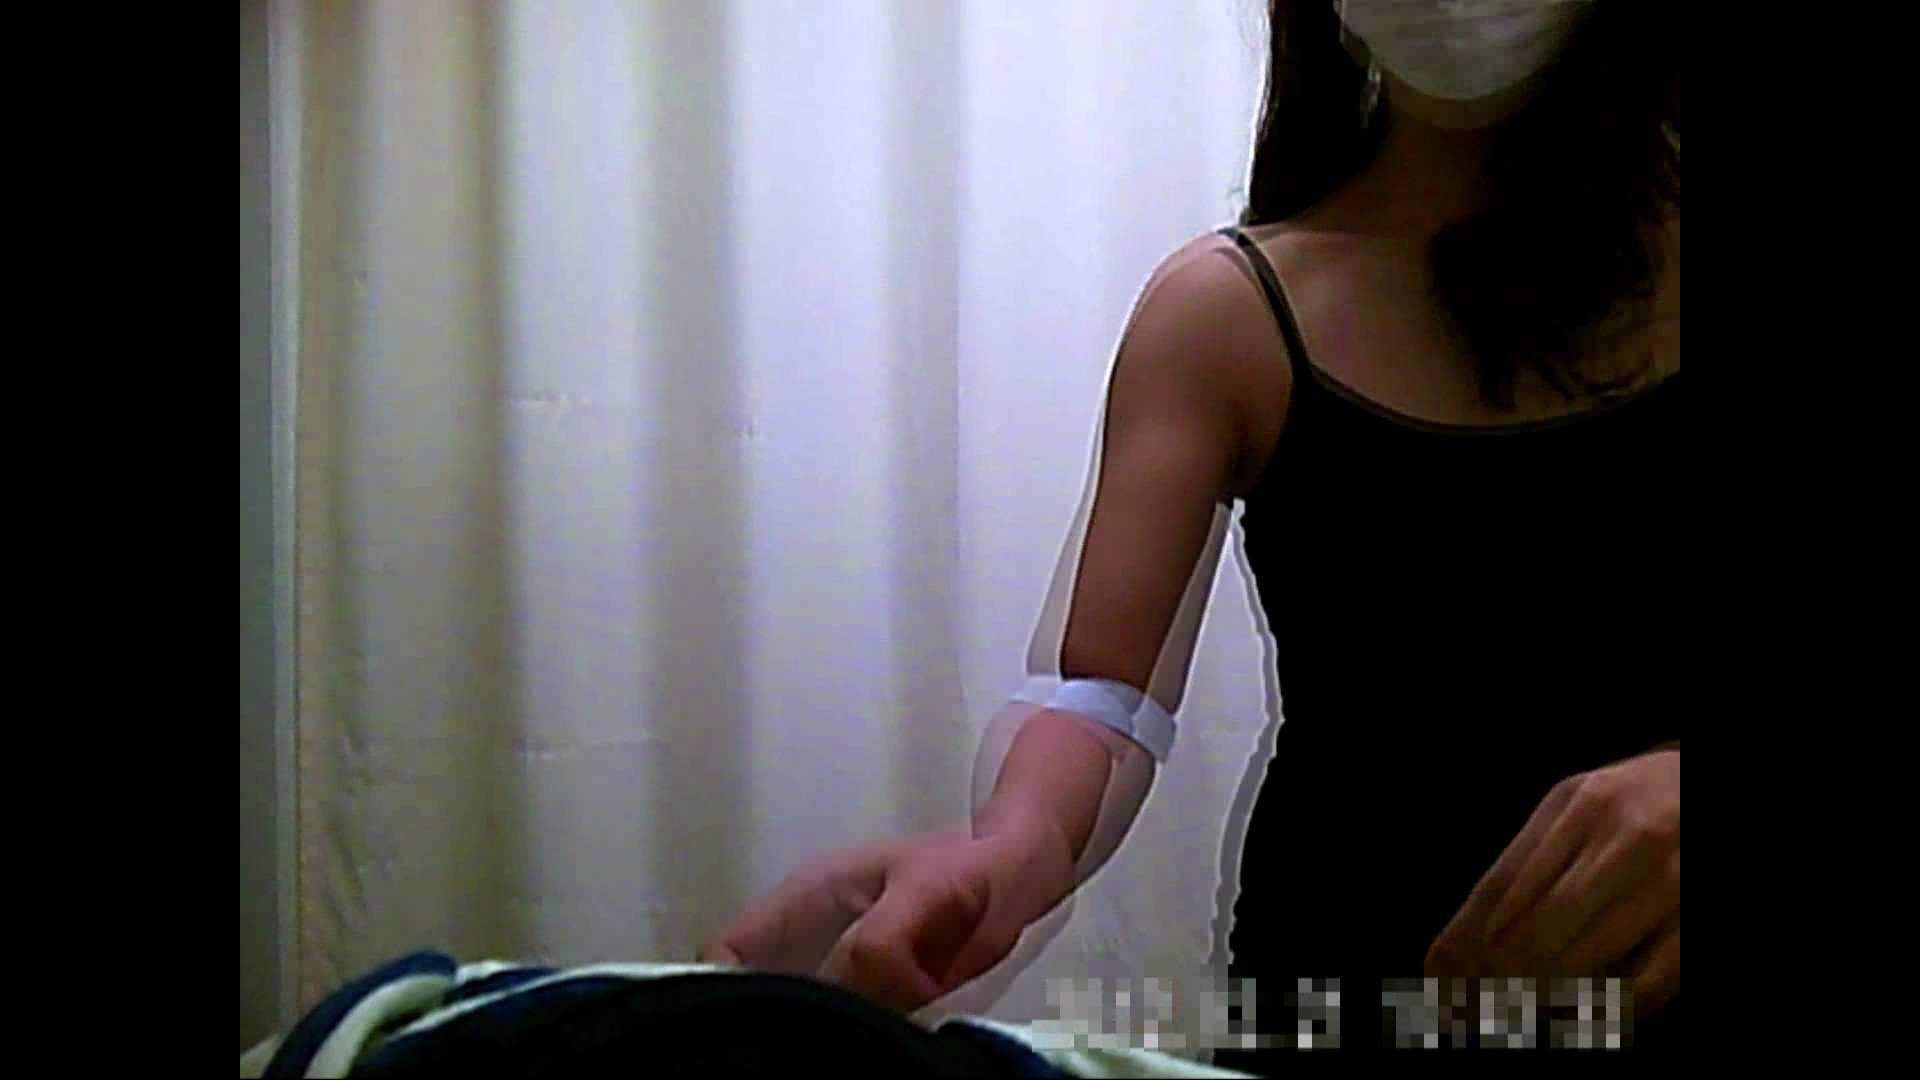 元医者による反抗 更衣室地獄絵巻 vol.036 お姉さんのSEX | ギャル達  84枚 58